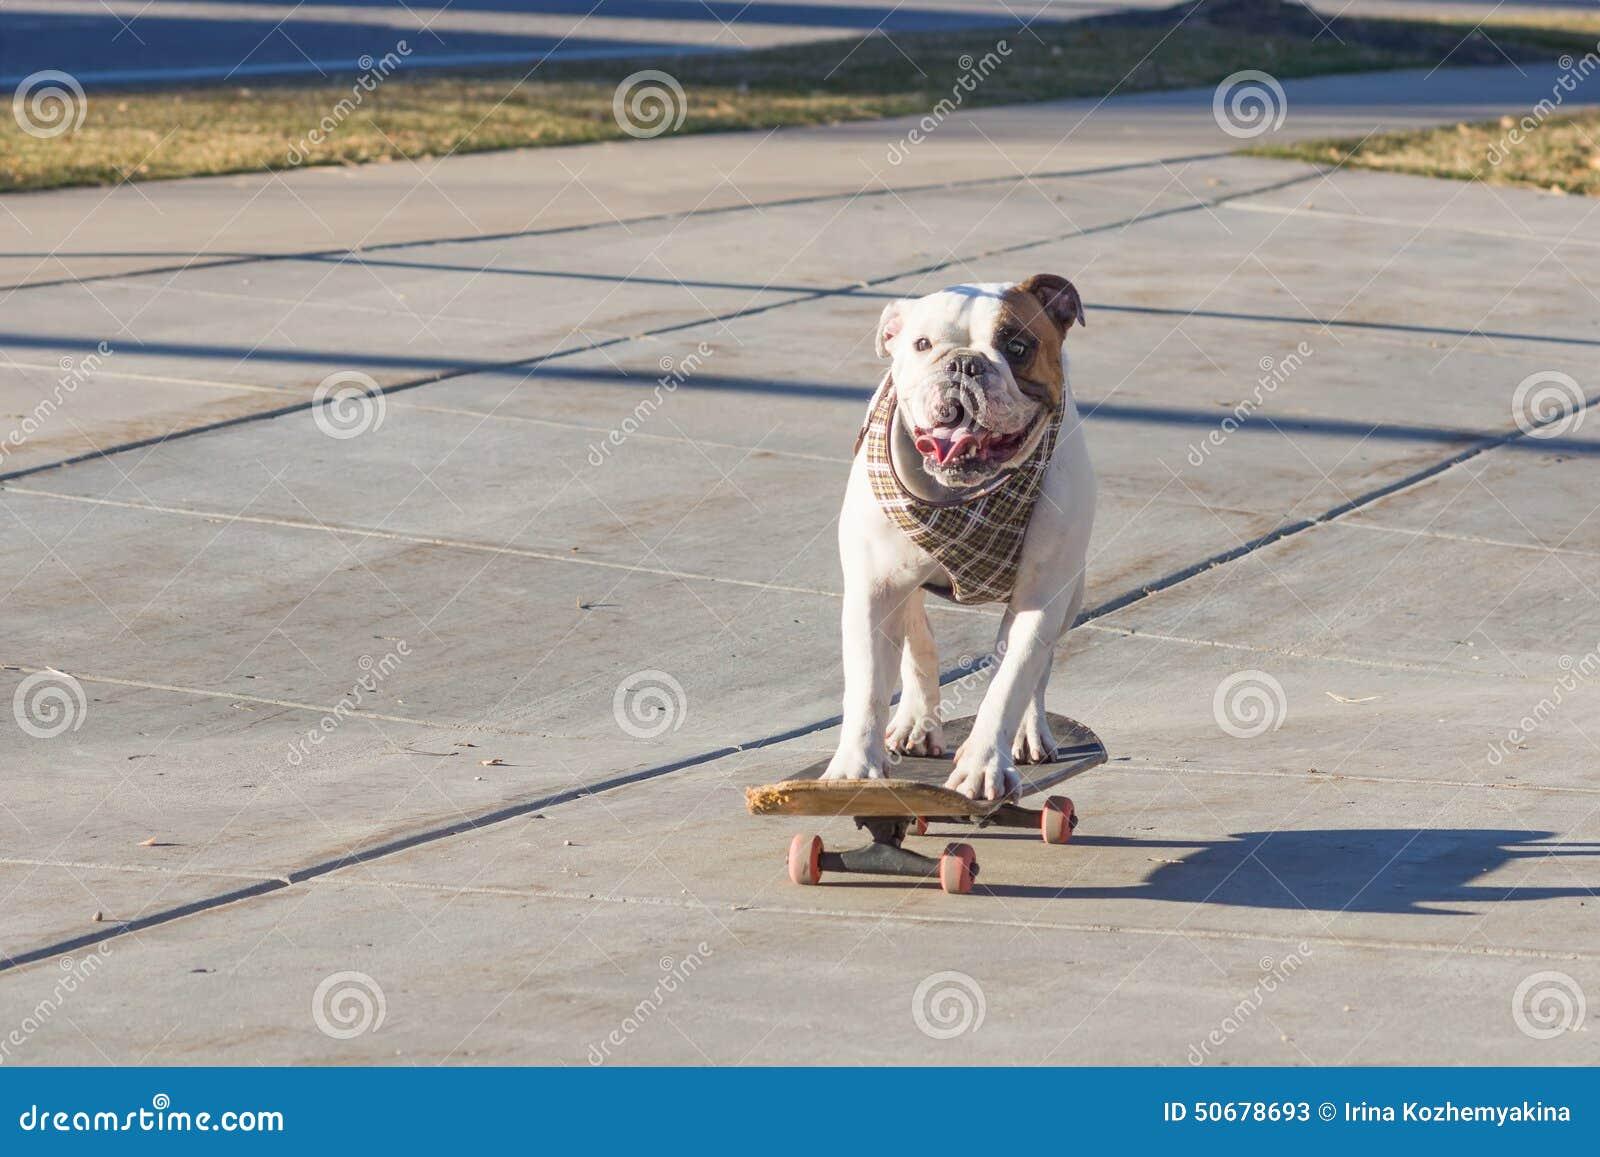 Download 乘坐滑板的快乐的英国牛头犬在街道 库存图片. 图片 包括有 户外, 溜冰板者, 滑稽, 城市, 窍门, 可笑 - 50678693